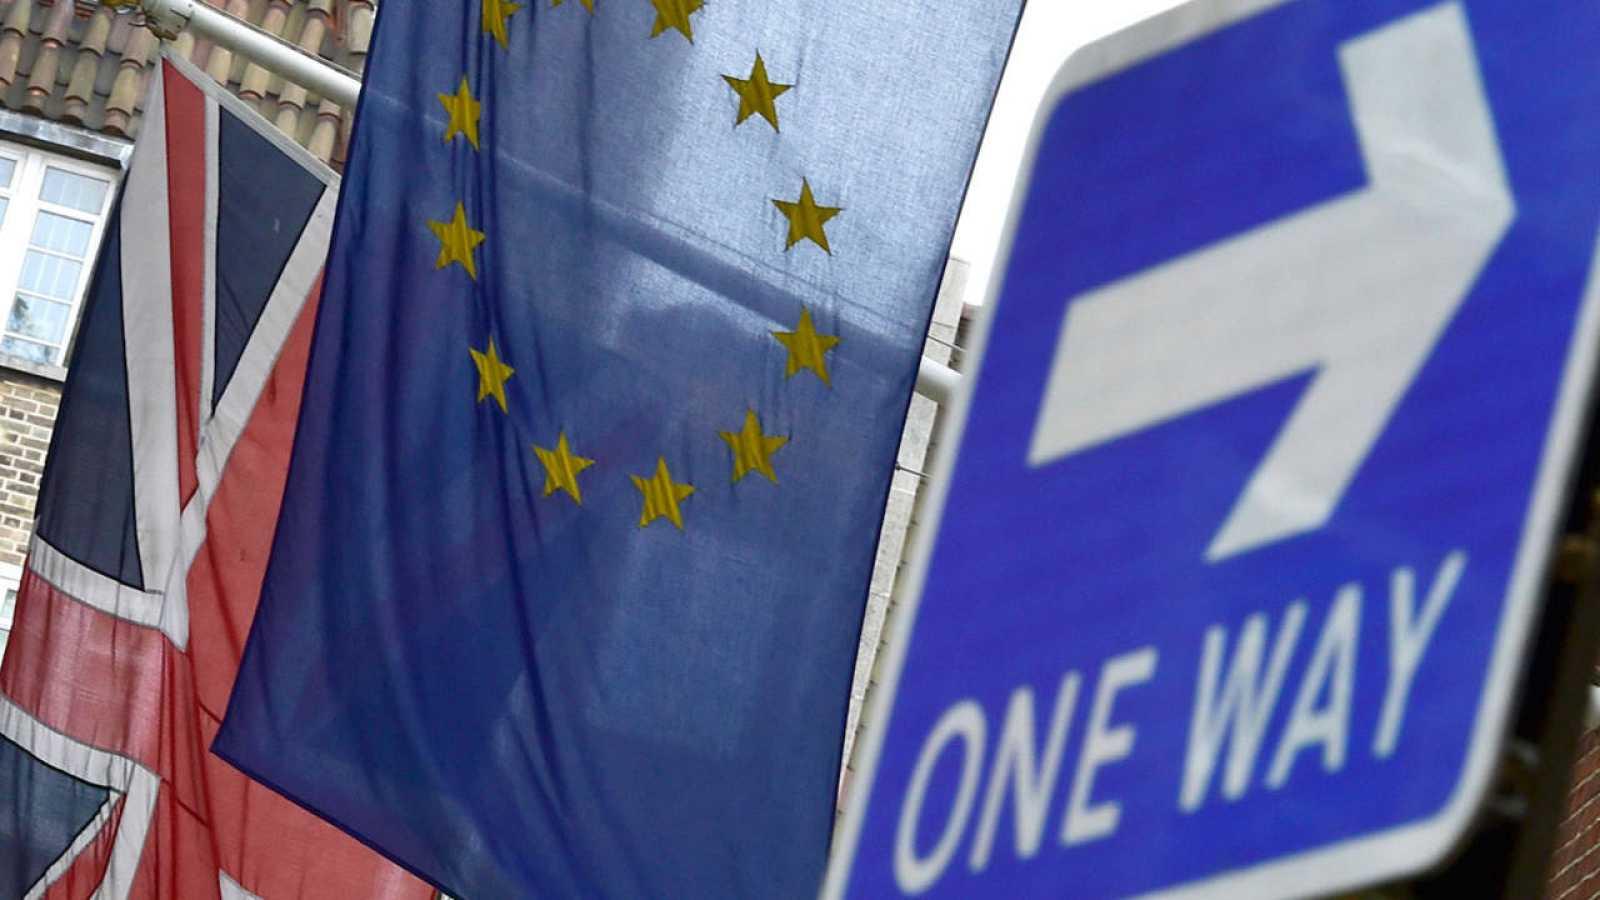 Las banderas de Reino Unido y la Unión Europea ondeando juntas